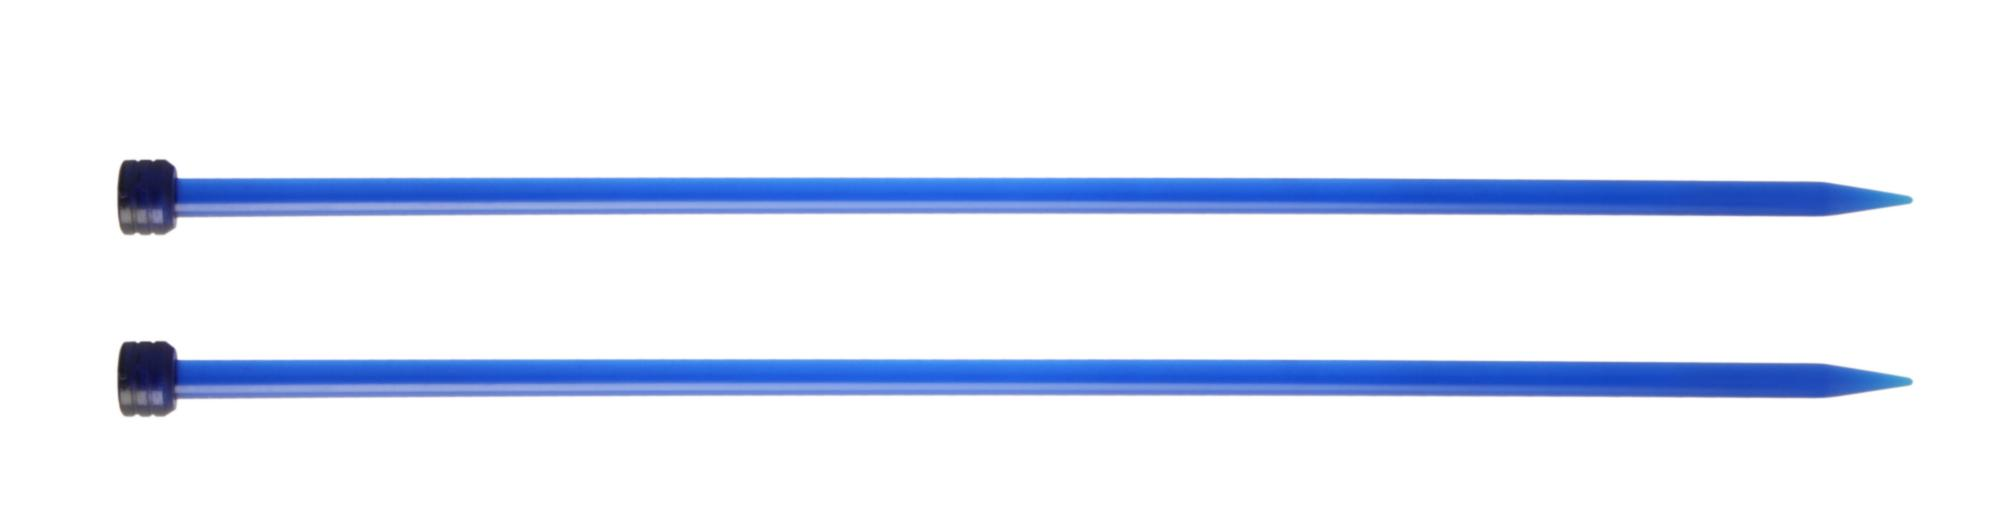 Спицы прямые 35 см Trendz KnitPro, 51214, 6.50 мм